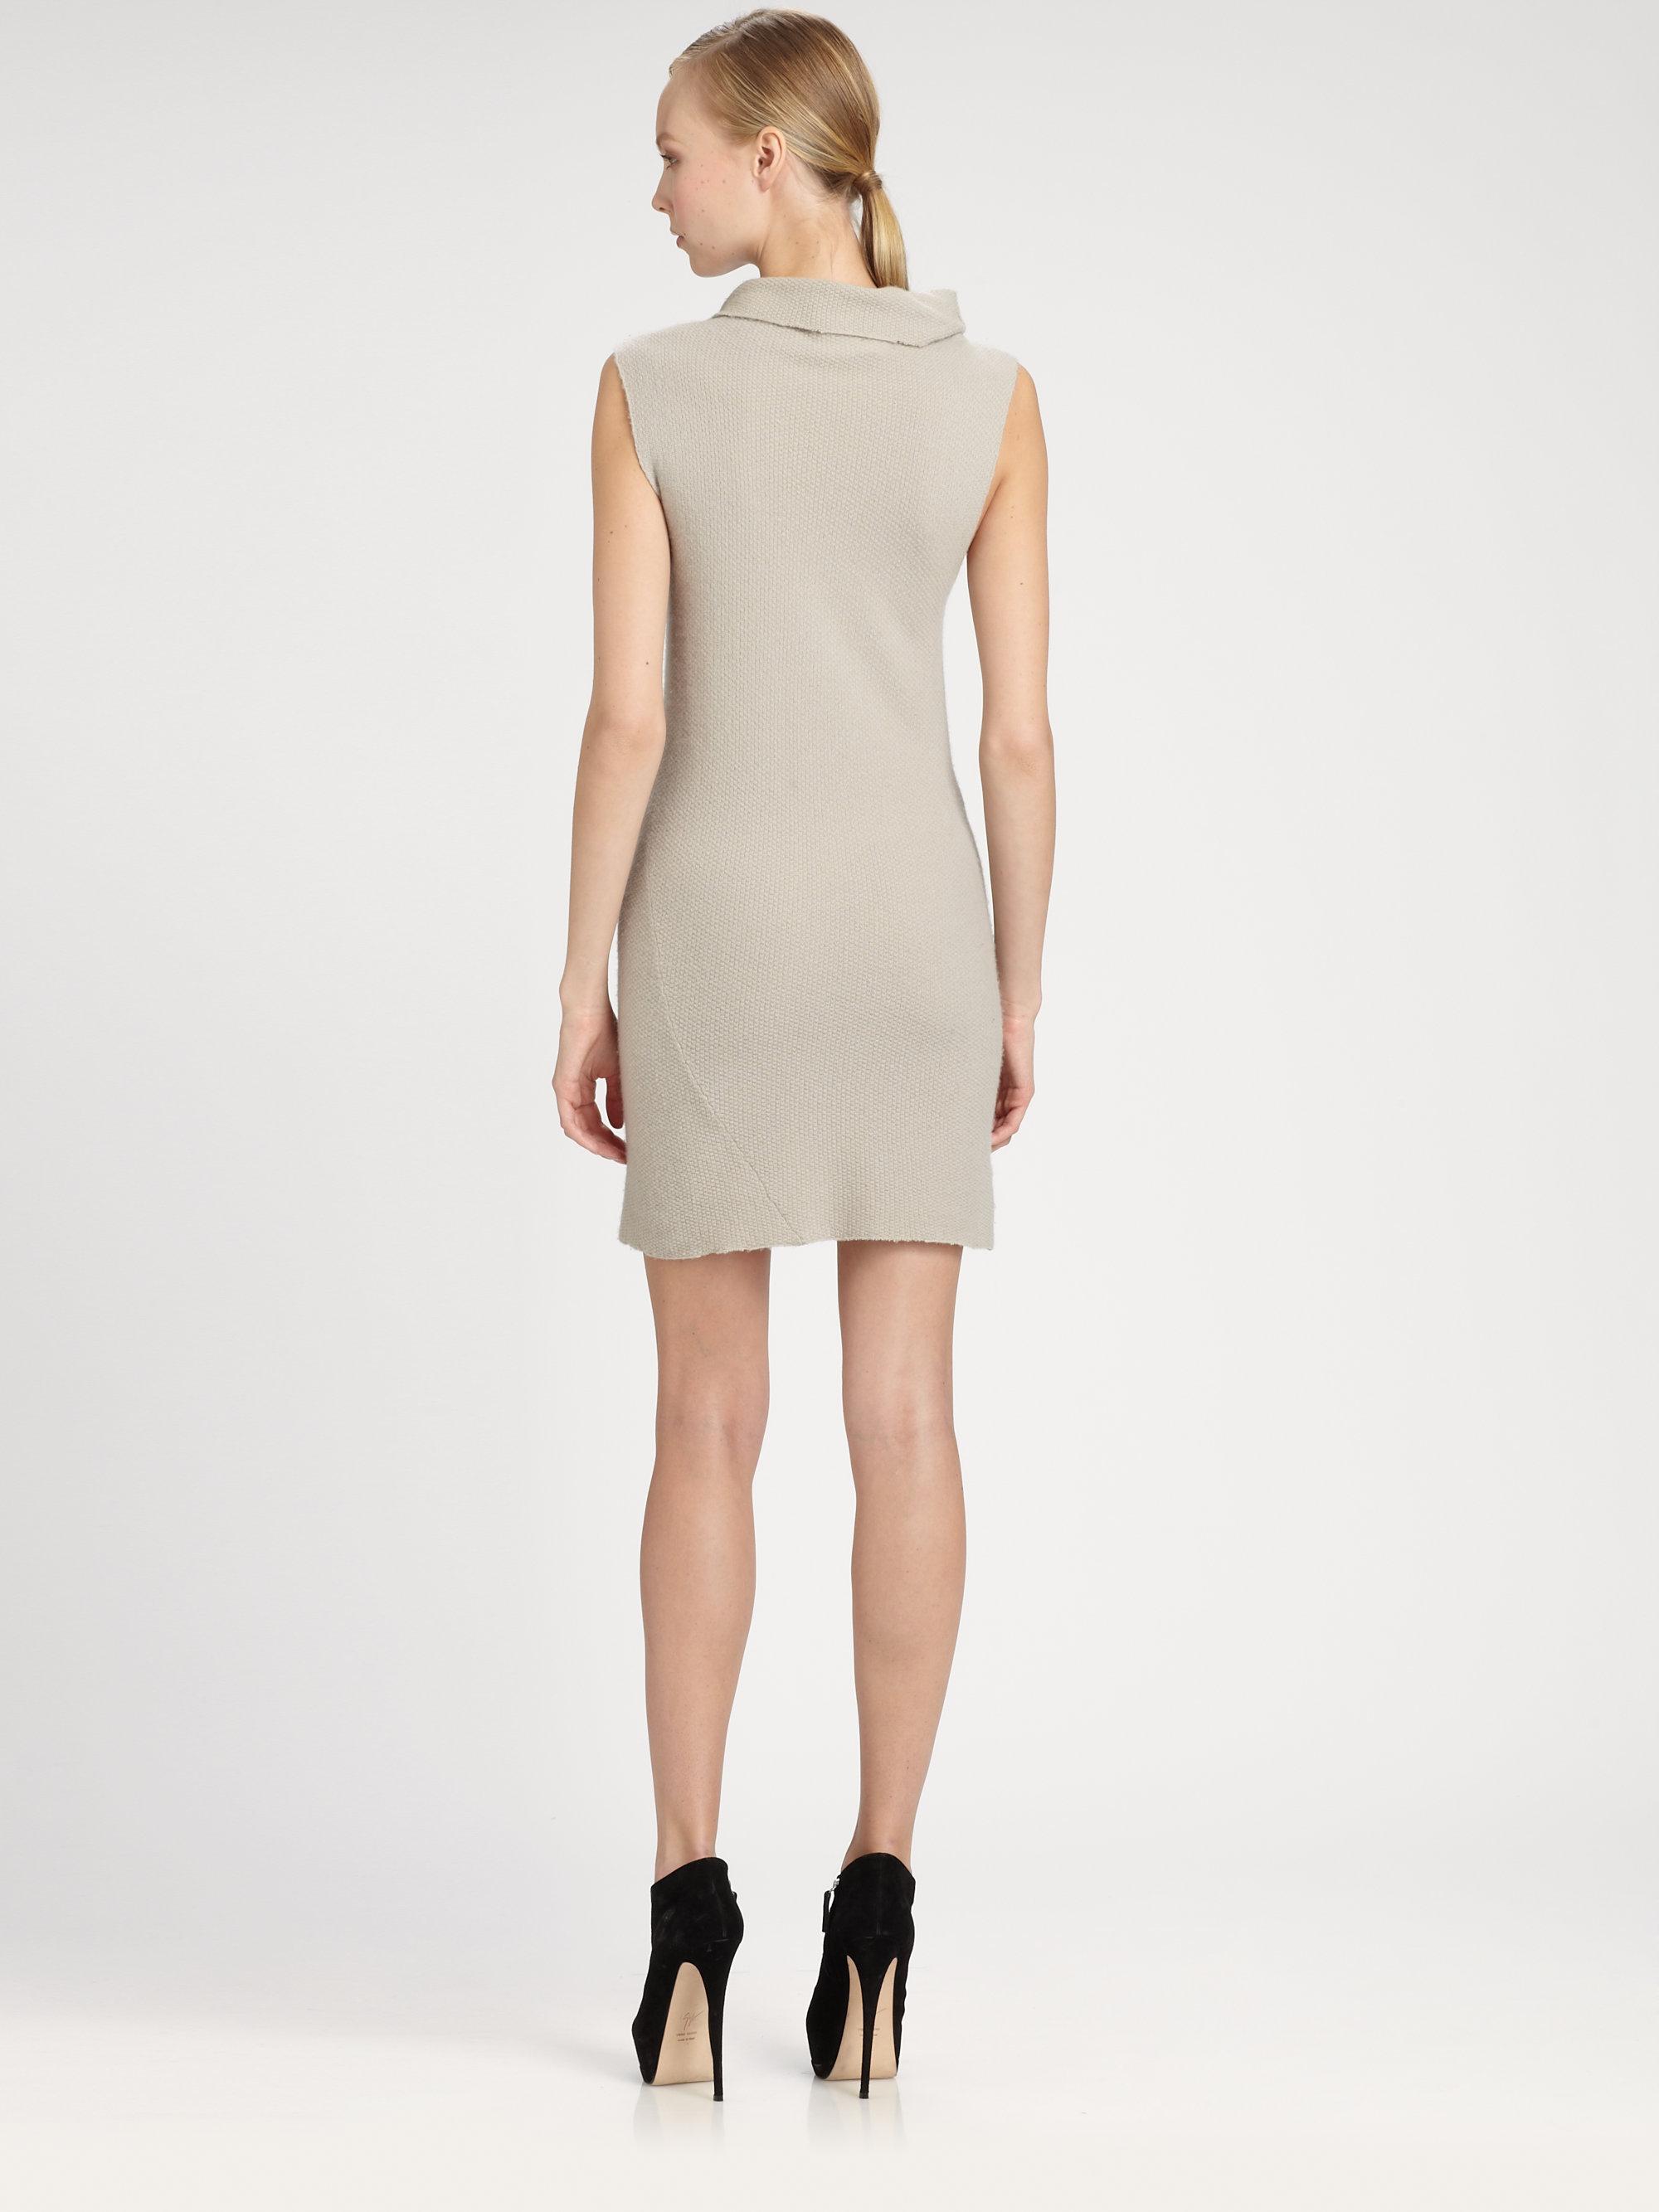 donna karan new york sleeveless cashmere turtleneck dress. Black Bedroom Furniture Sets. Home Design Ideas